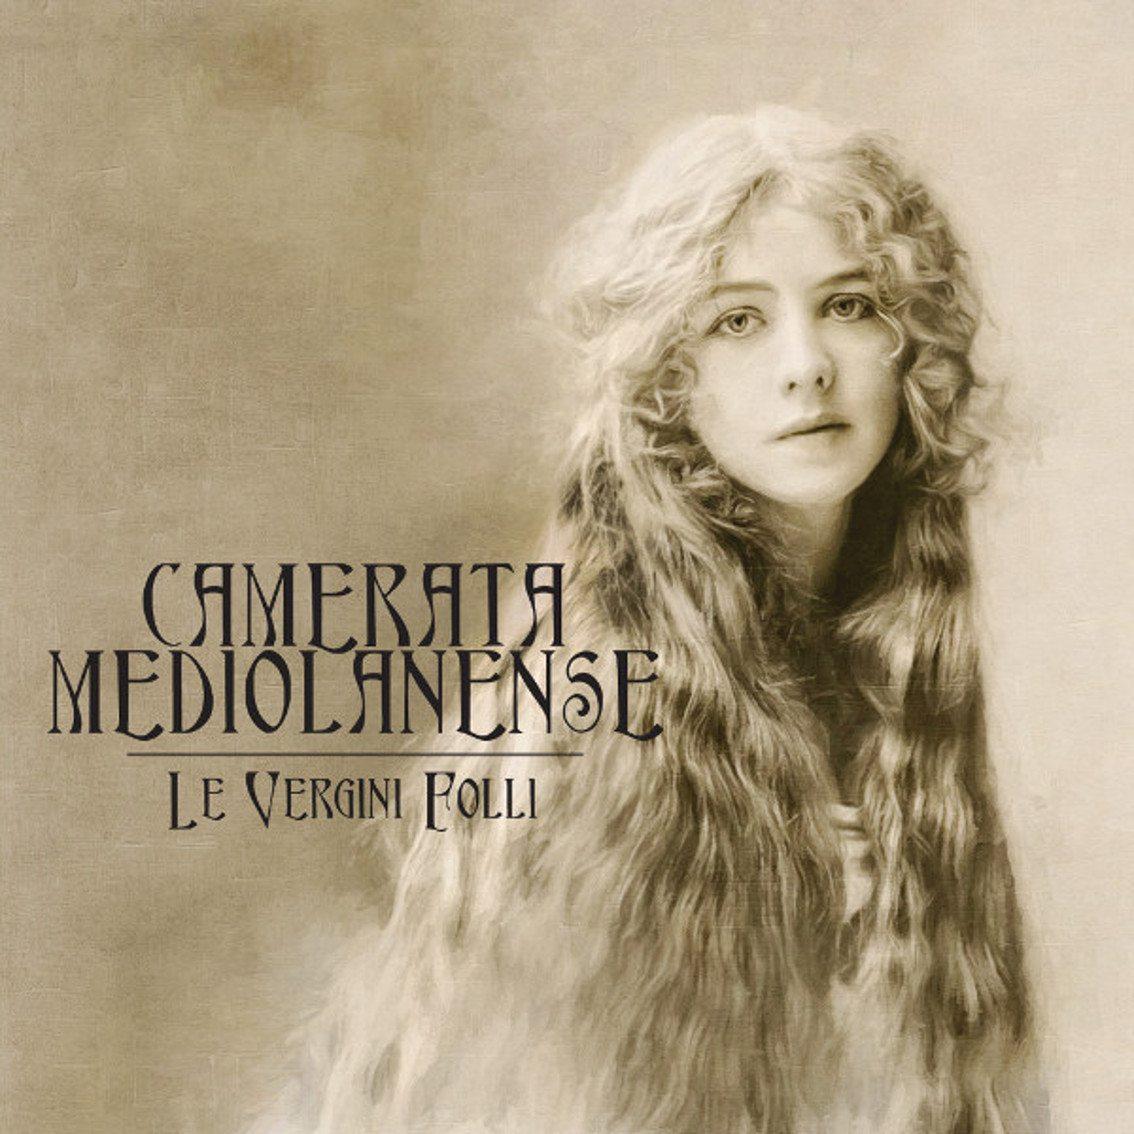 Neo-folk act Camerata Mediolanense to release new LP'Le Vergini Folli' as a 2CD hardcover book as well